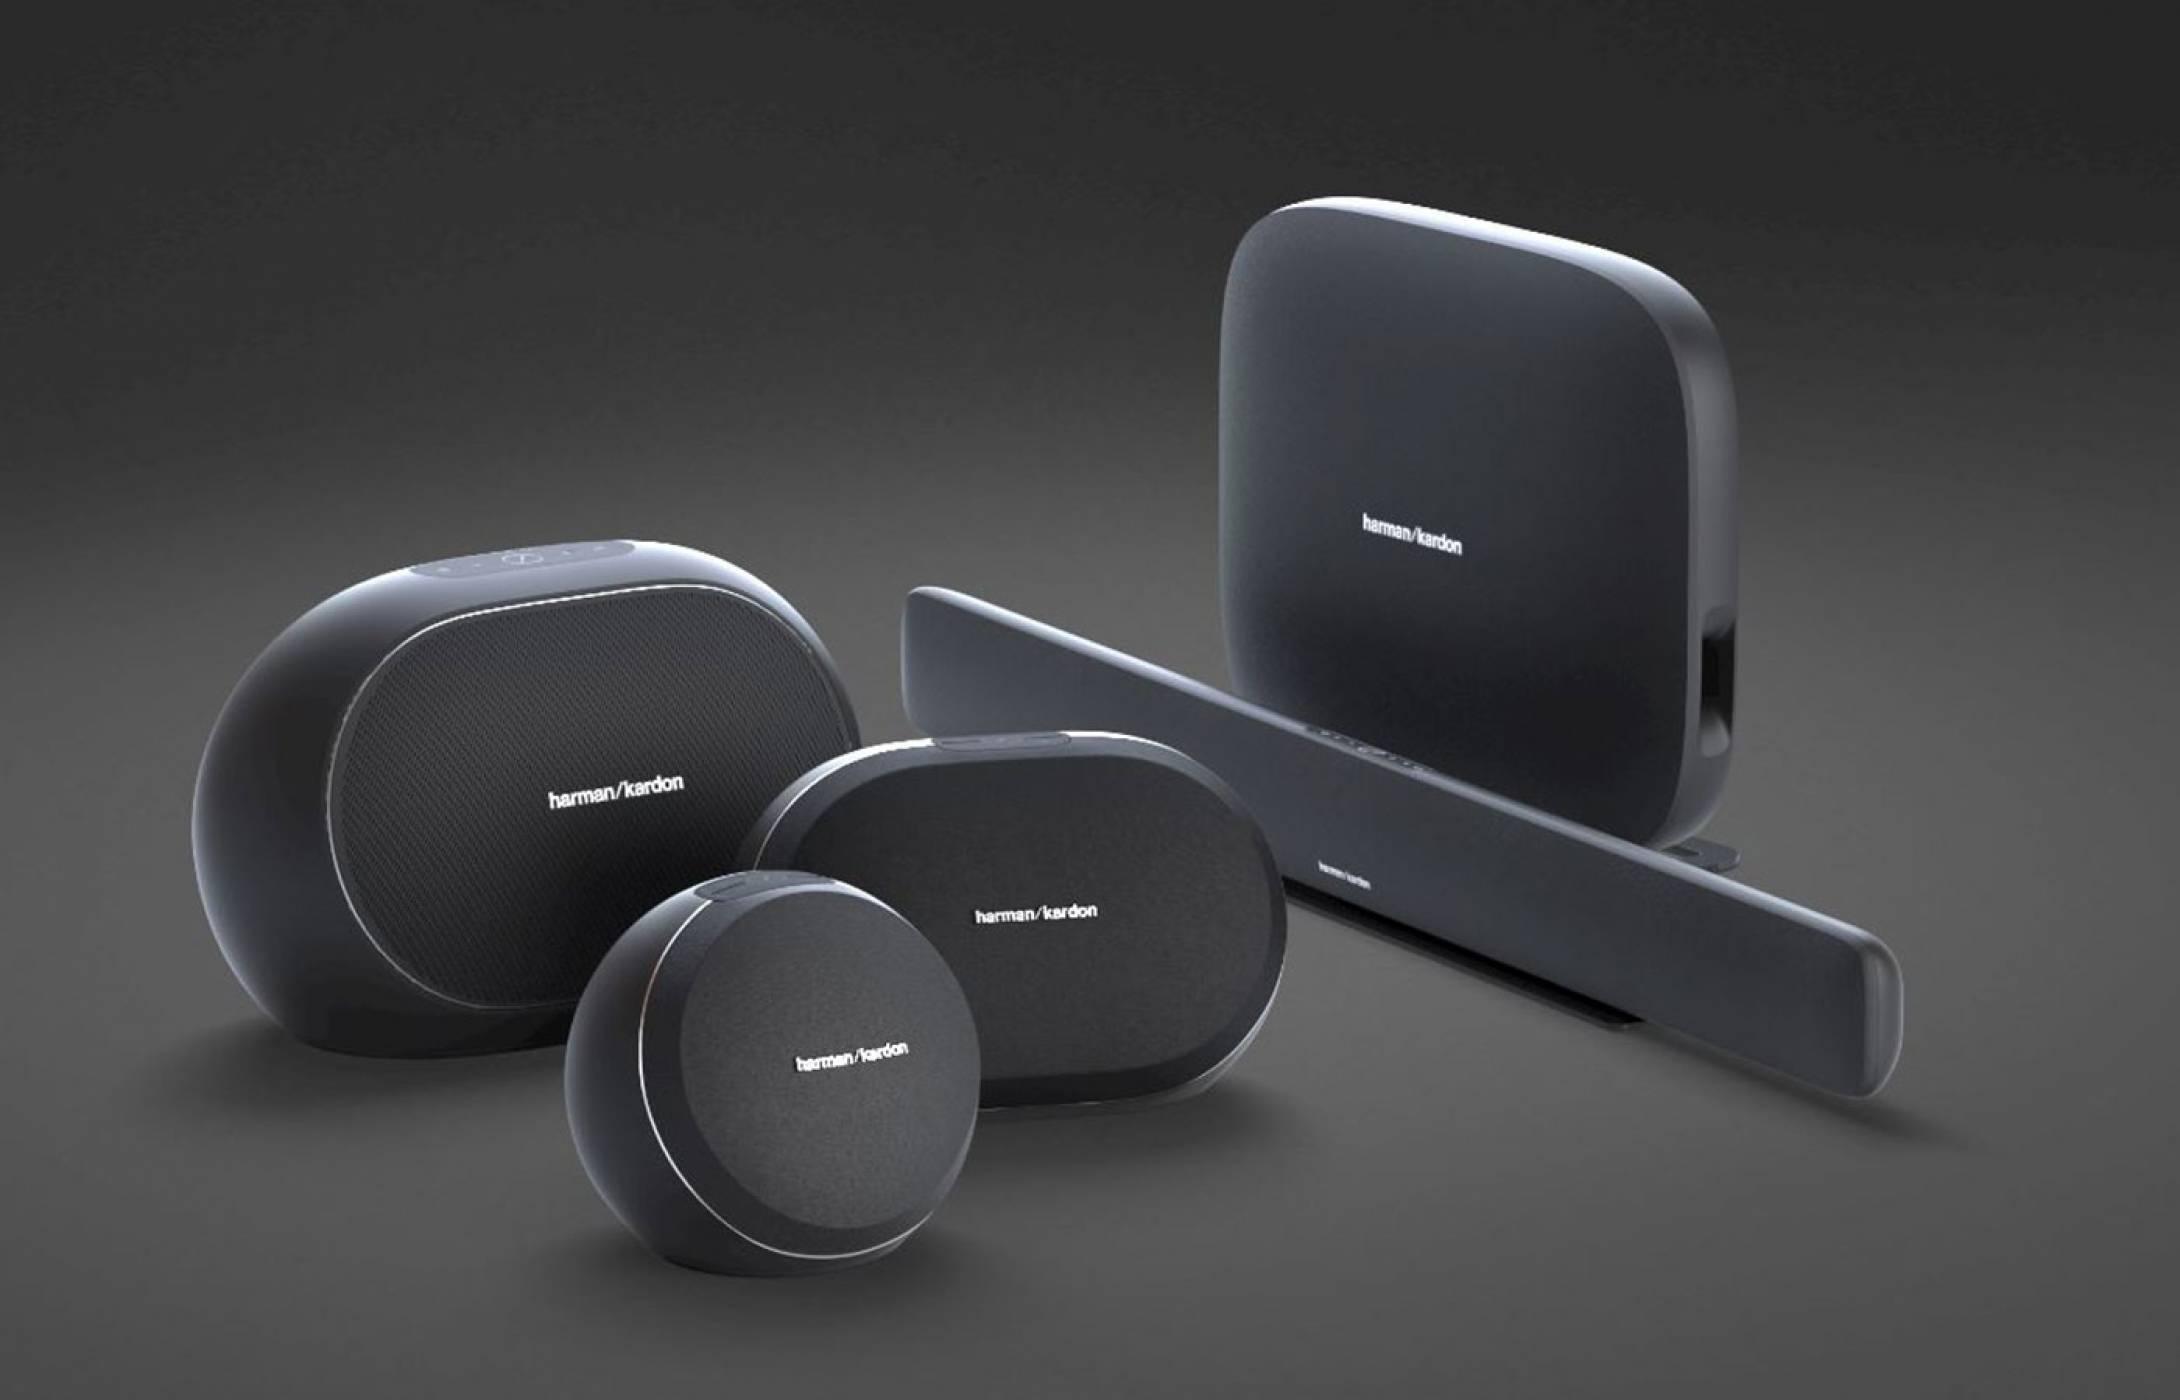 Harman - част от Samsung, но верни на себе си